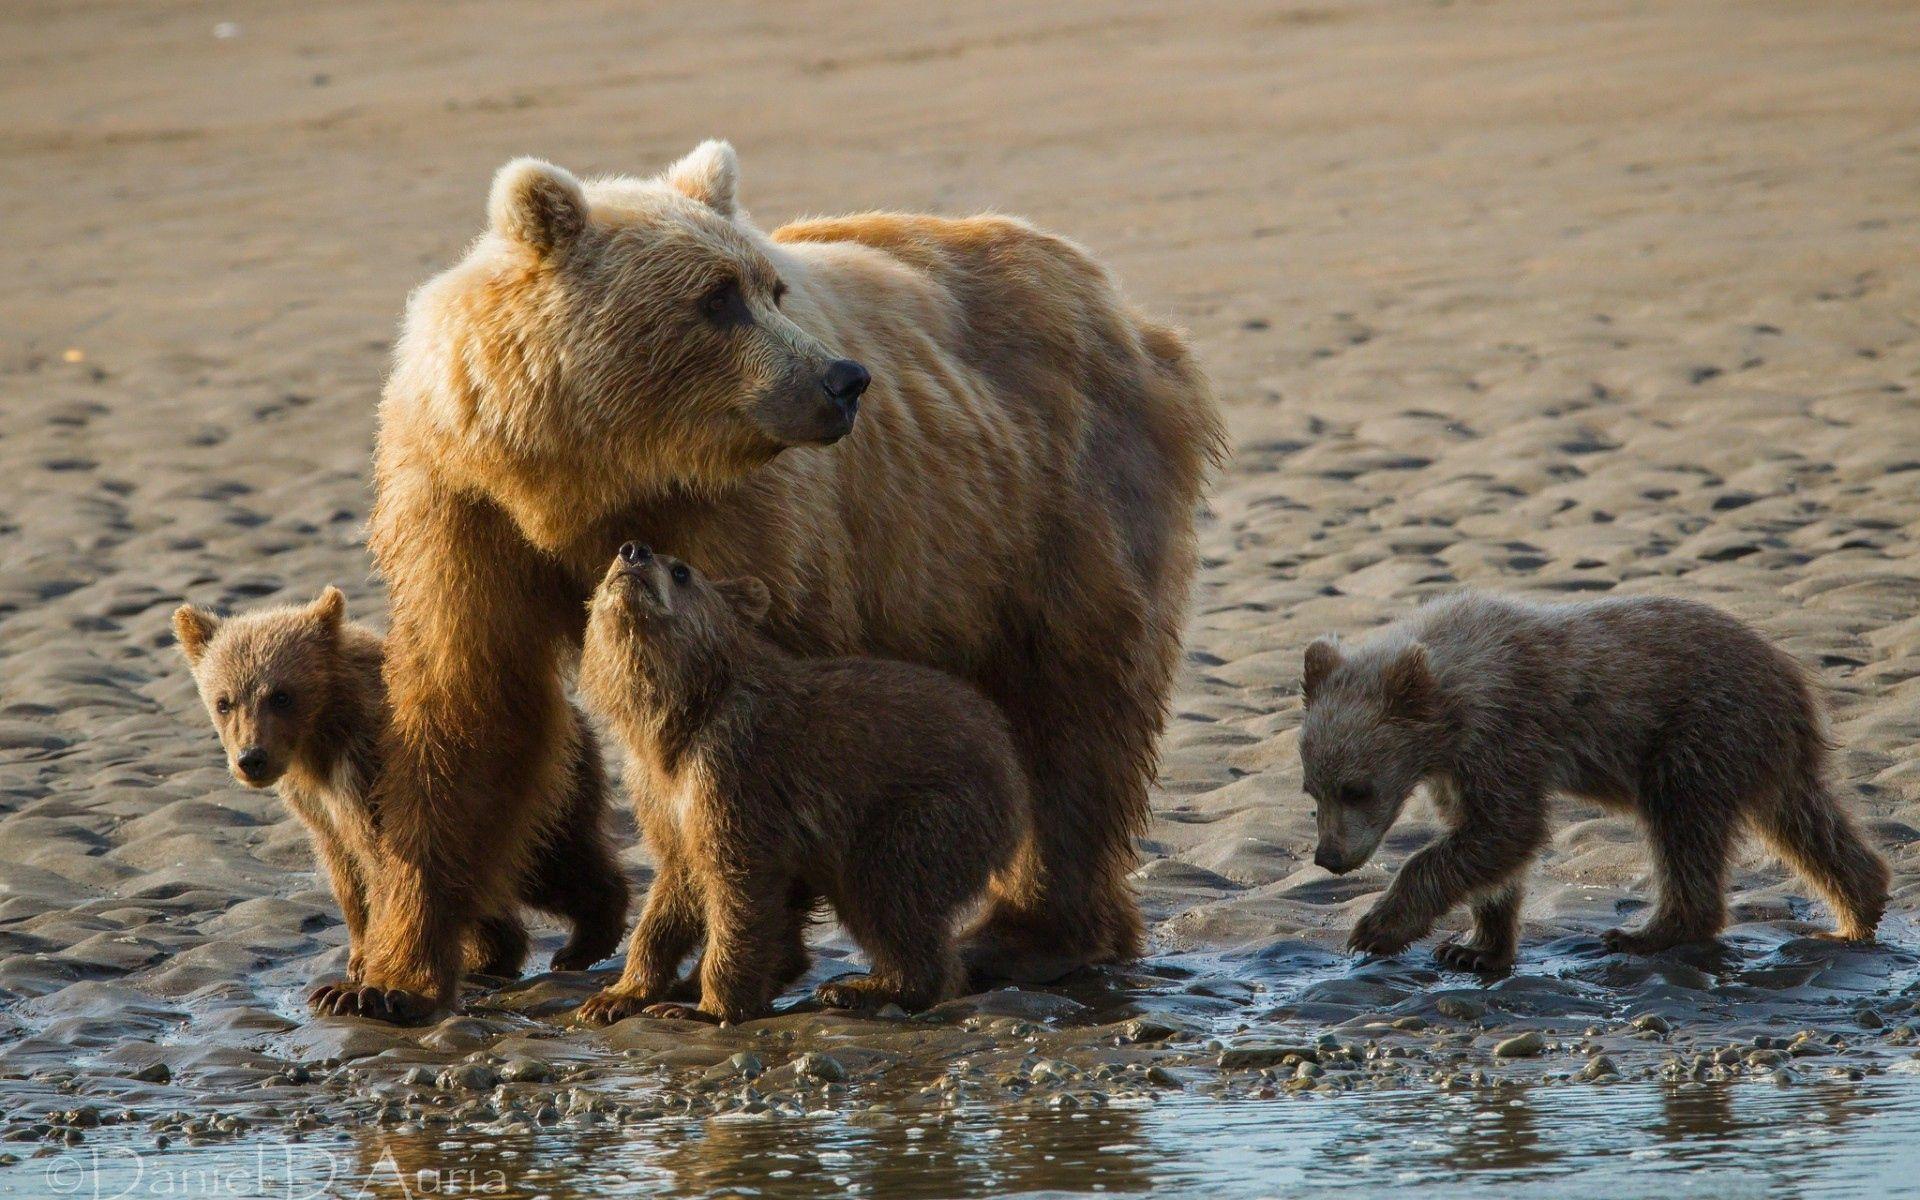 72573 Заставки и Обои Медведи на телефон. Скачать Животные, Песок, Медведи, Семья, Детеныши картинки бесплатно